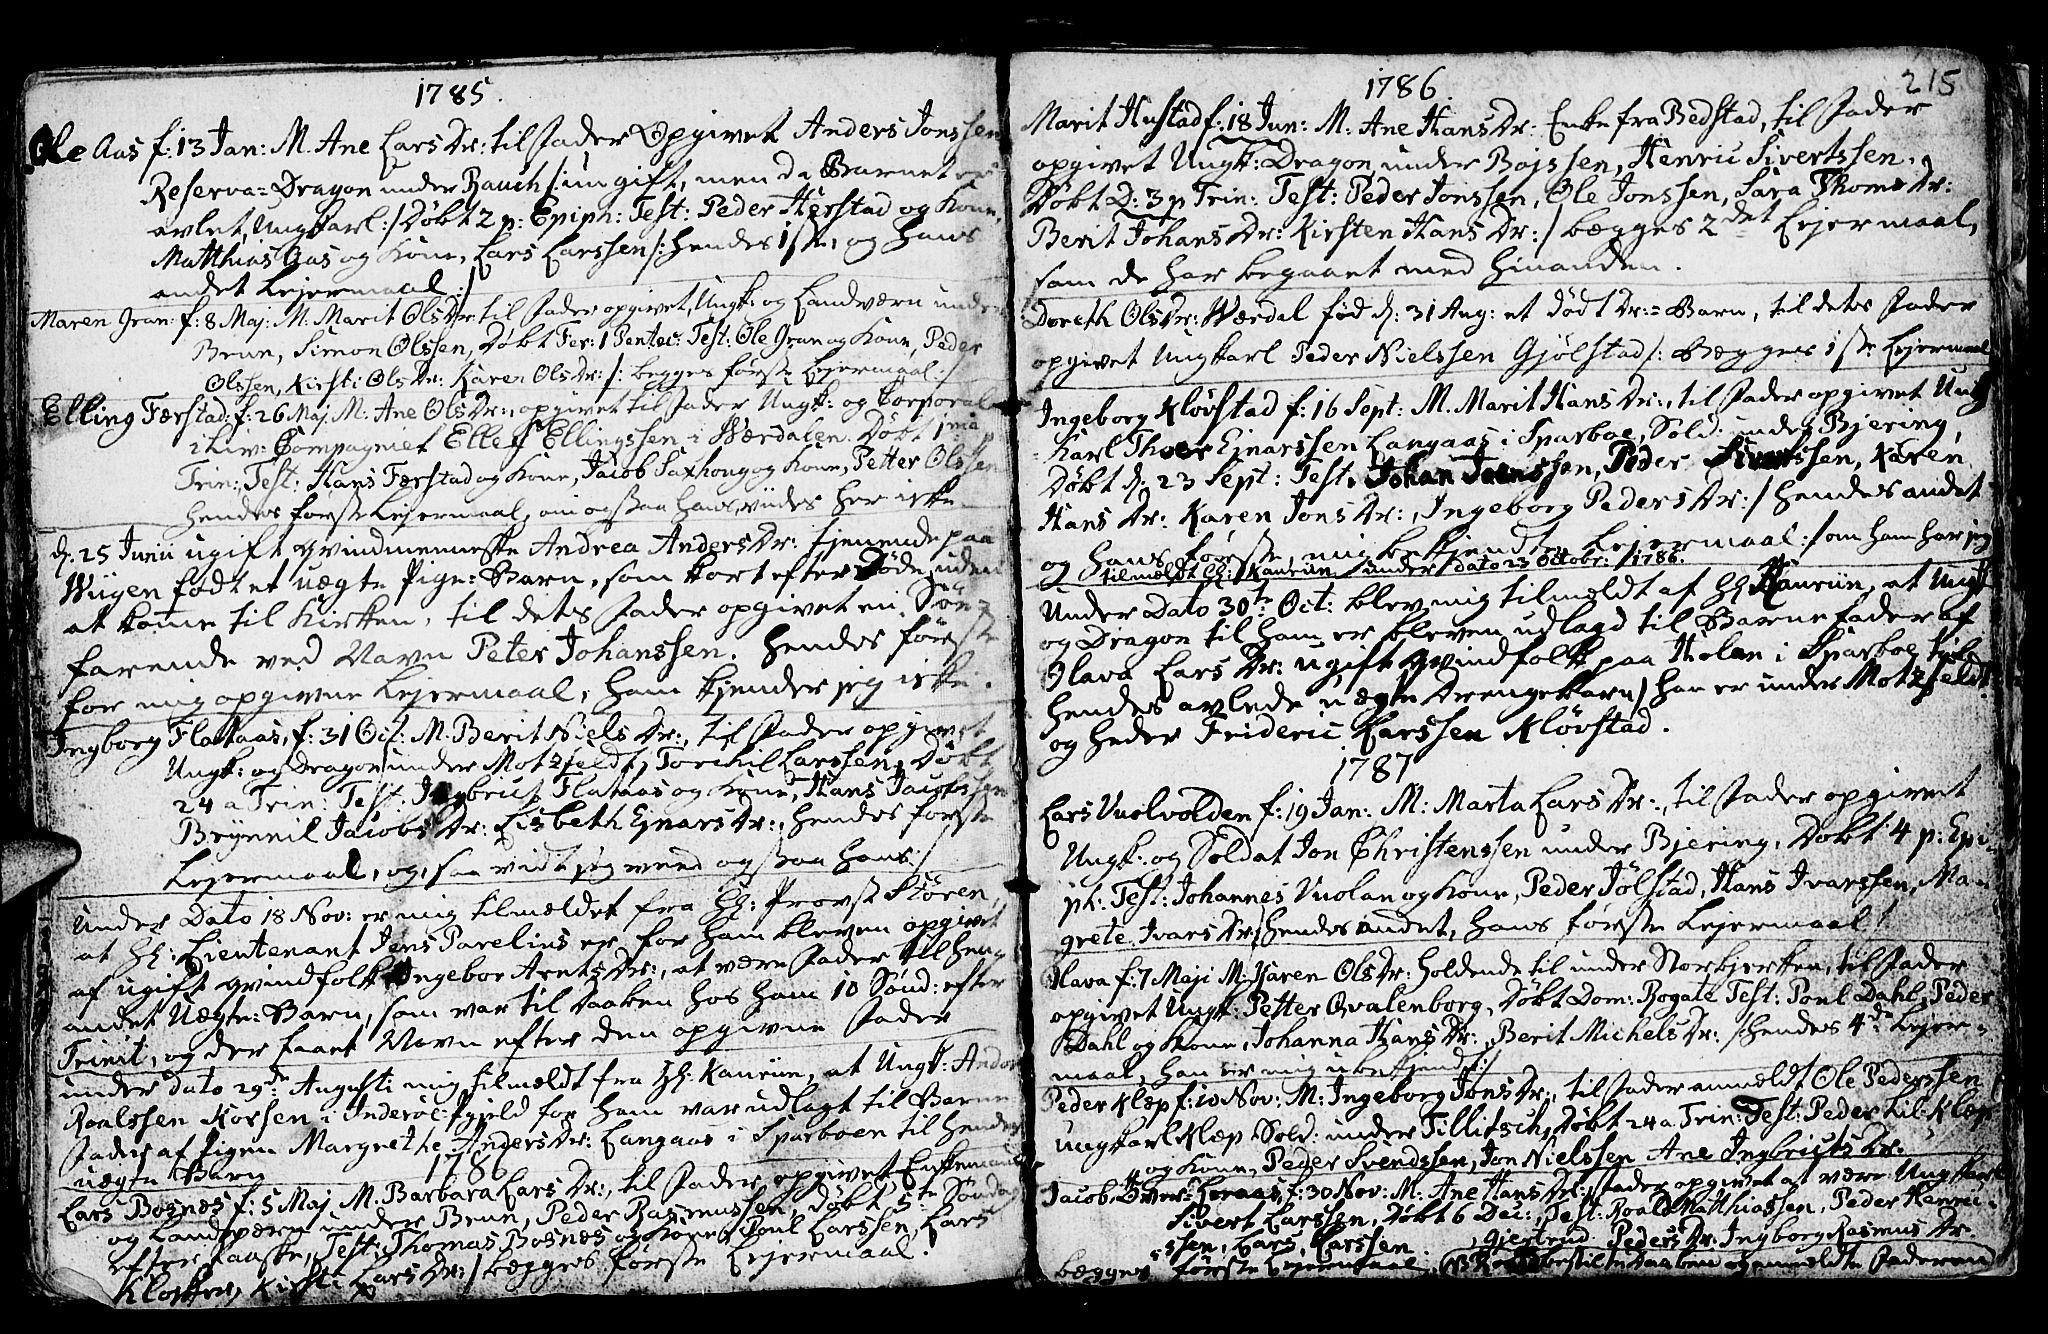 SAT, Ministerialprotokoller, klokkerbøker og fødselsregistre - Nord-Trøndelag, 730/L0273: Ministerialbok nr. 730A02, 1762-1802, s. 215